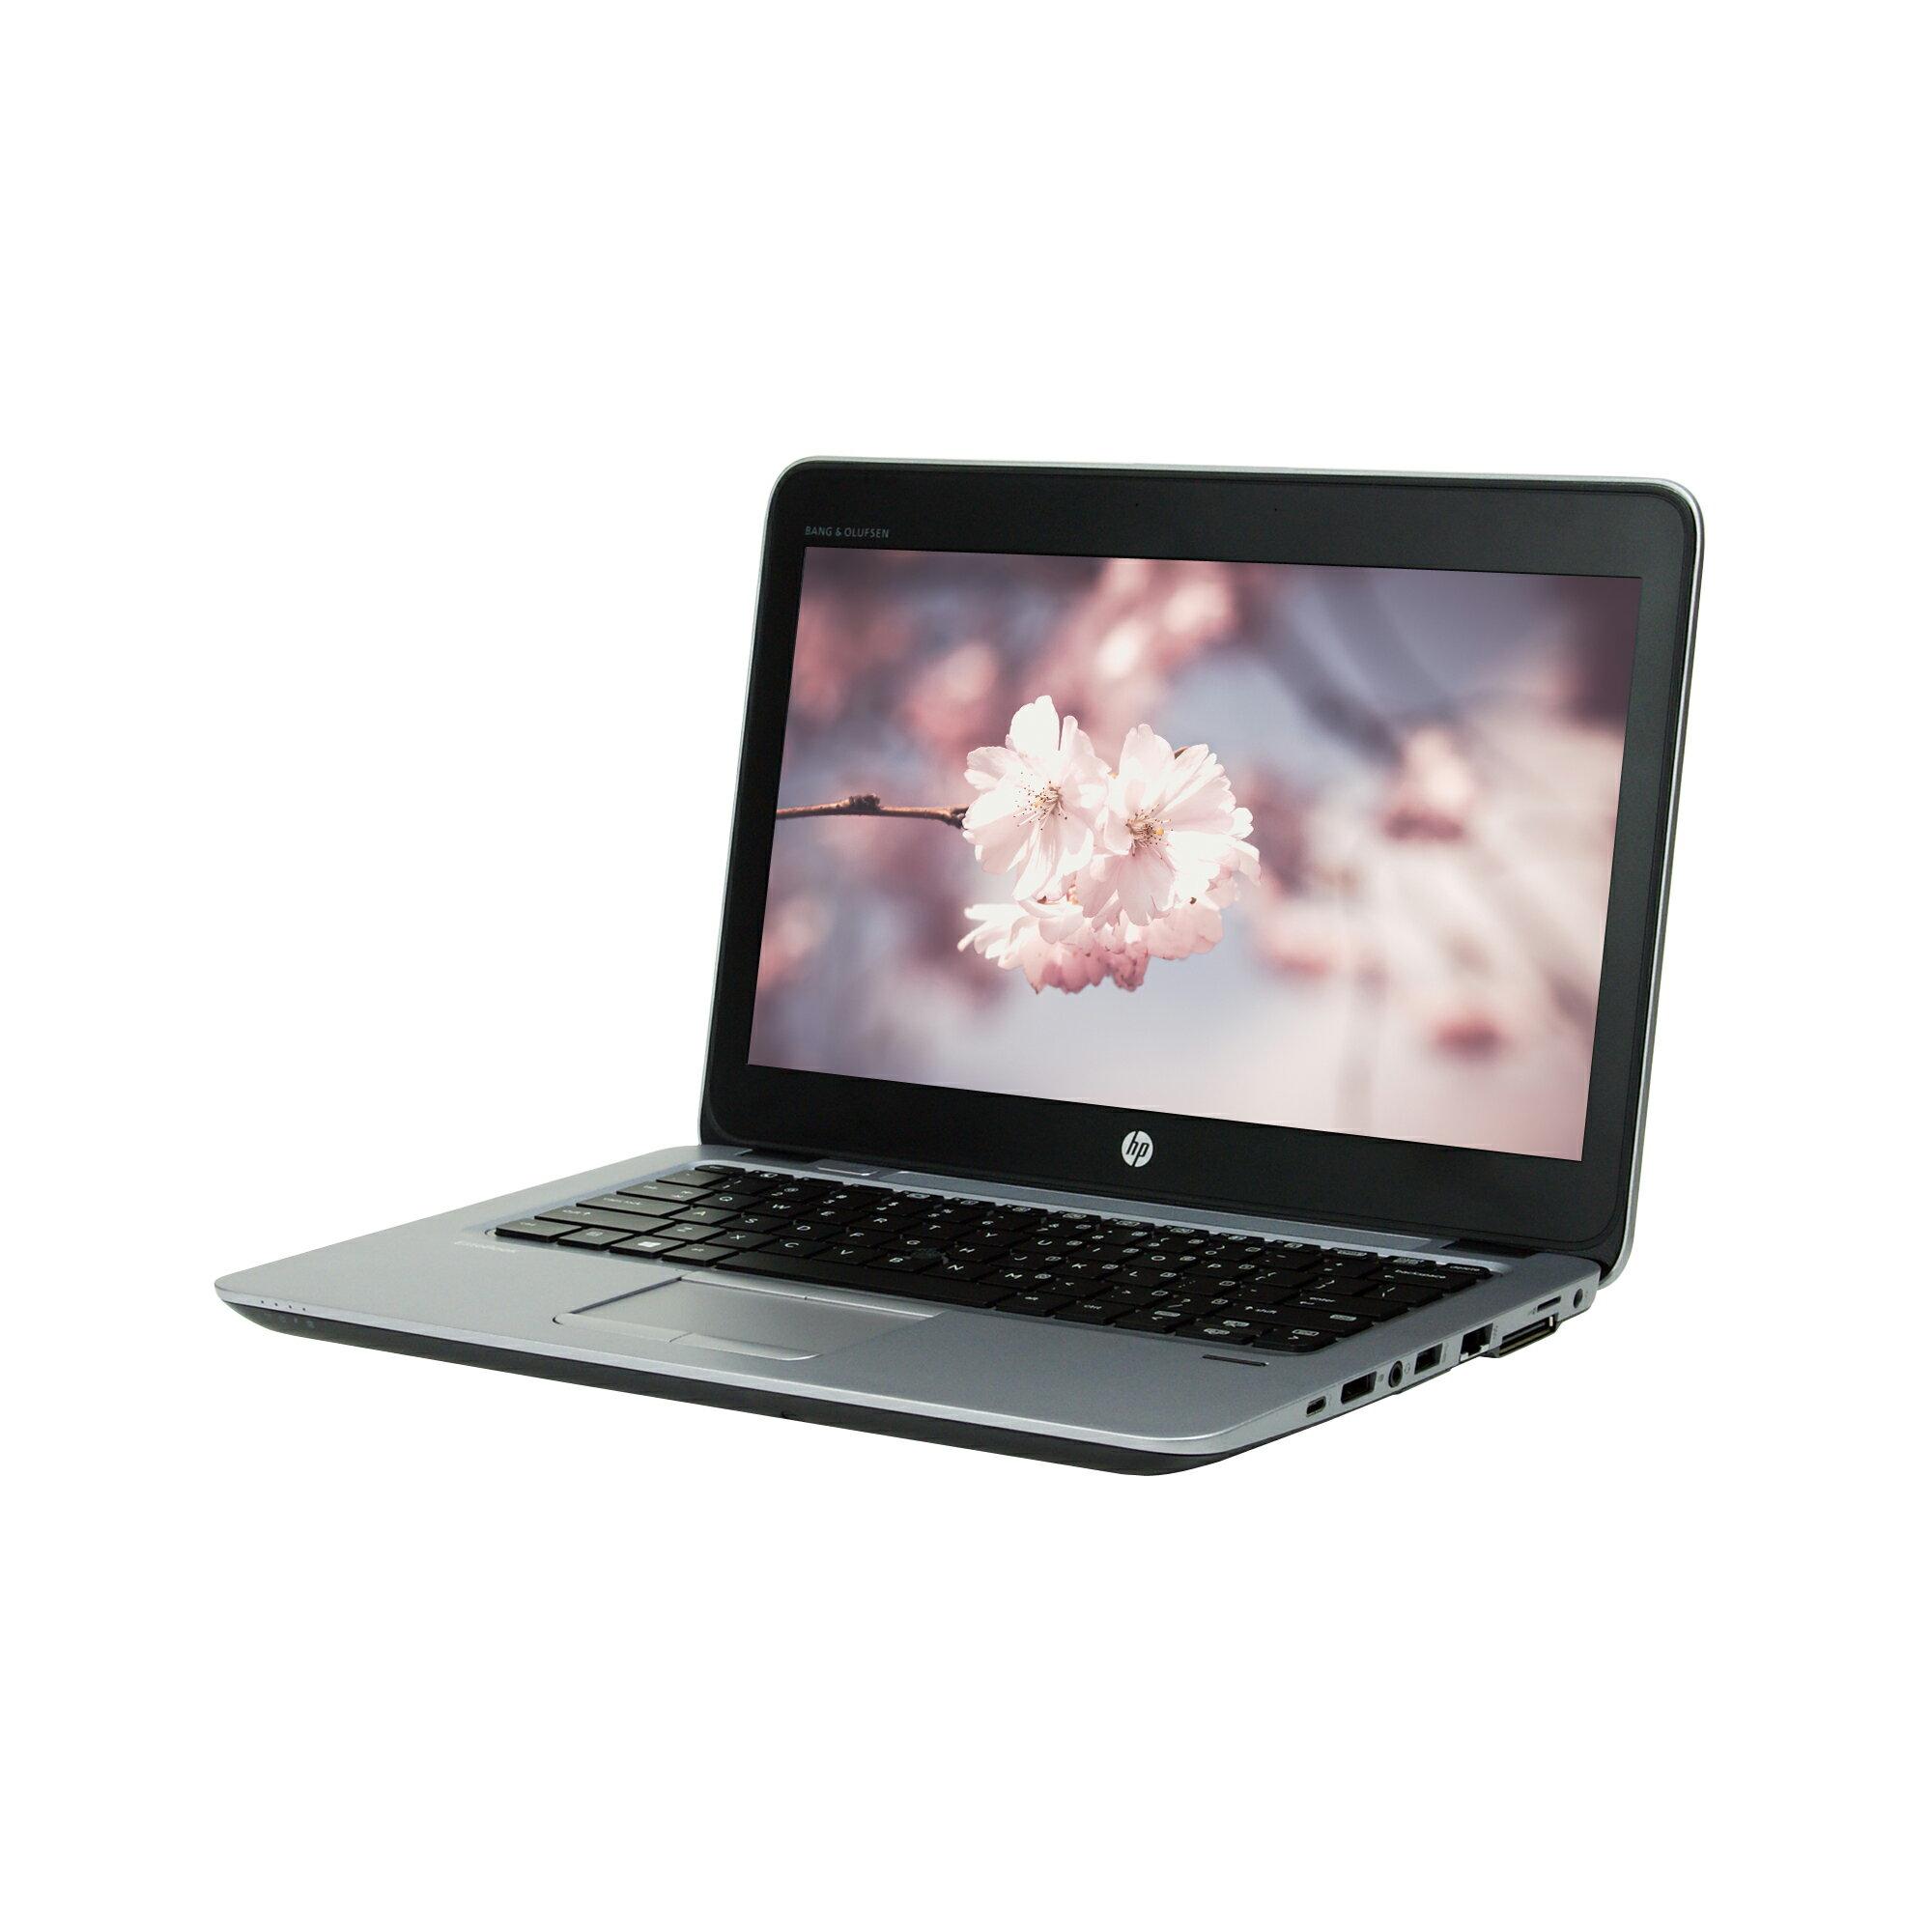 (B GRADE) HP EliteBook 820 G3 Intel Core i5-6300U 2 4GHz, 8GB RAM, 240GB  SSD, 12 5